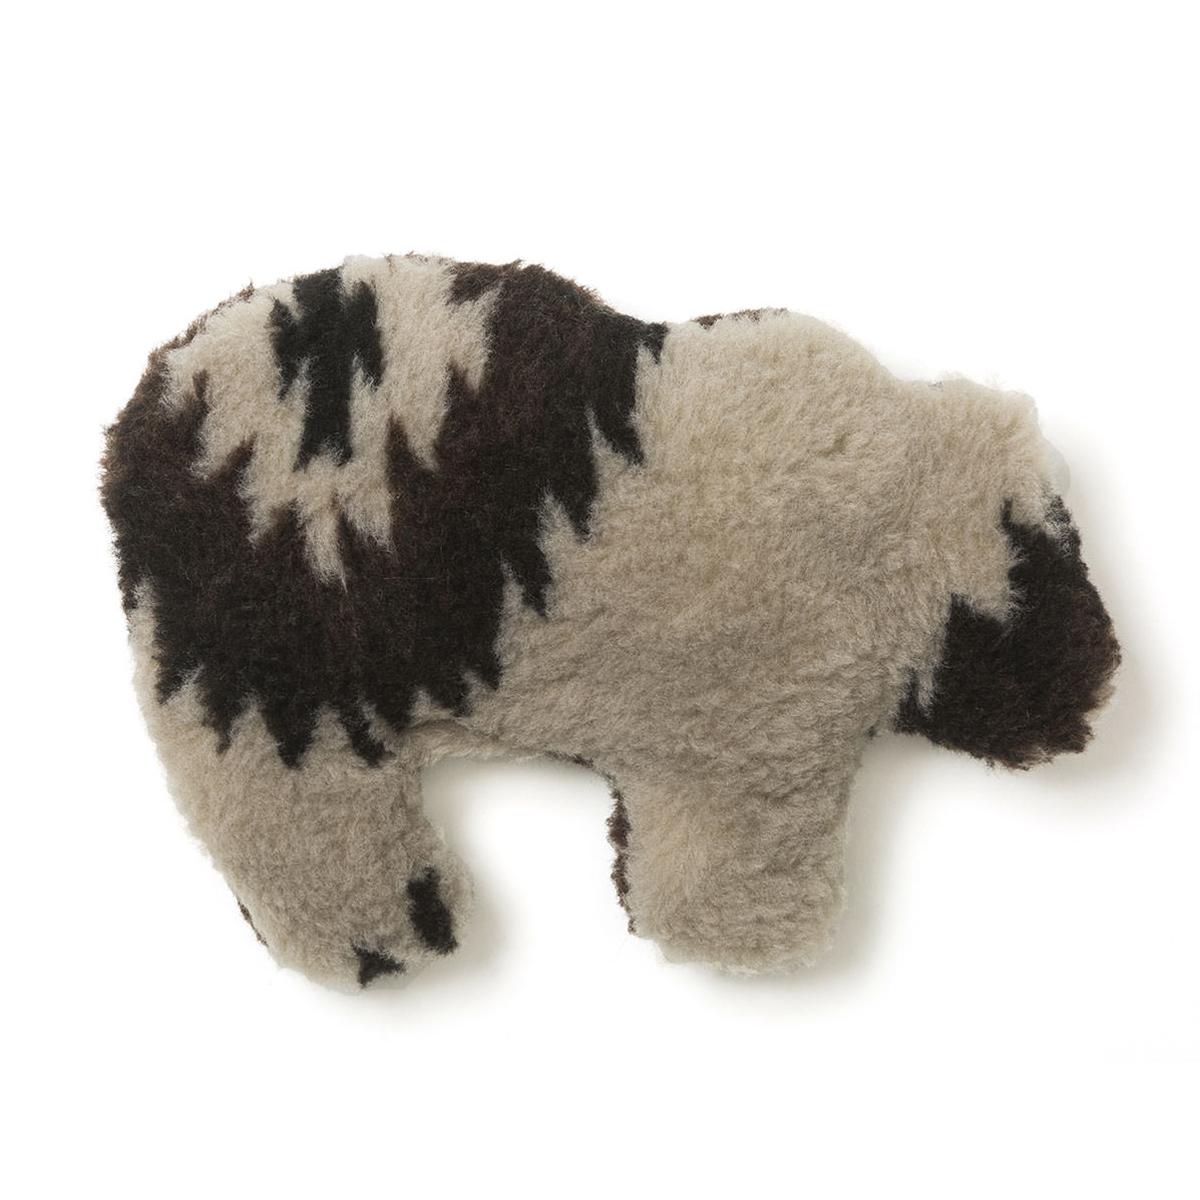 Gallatin Grizzly Dog Toy by West Paw - Diamond